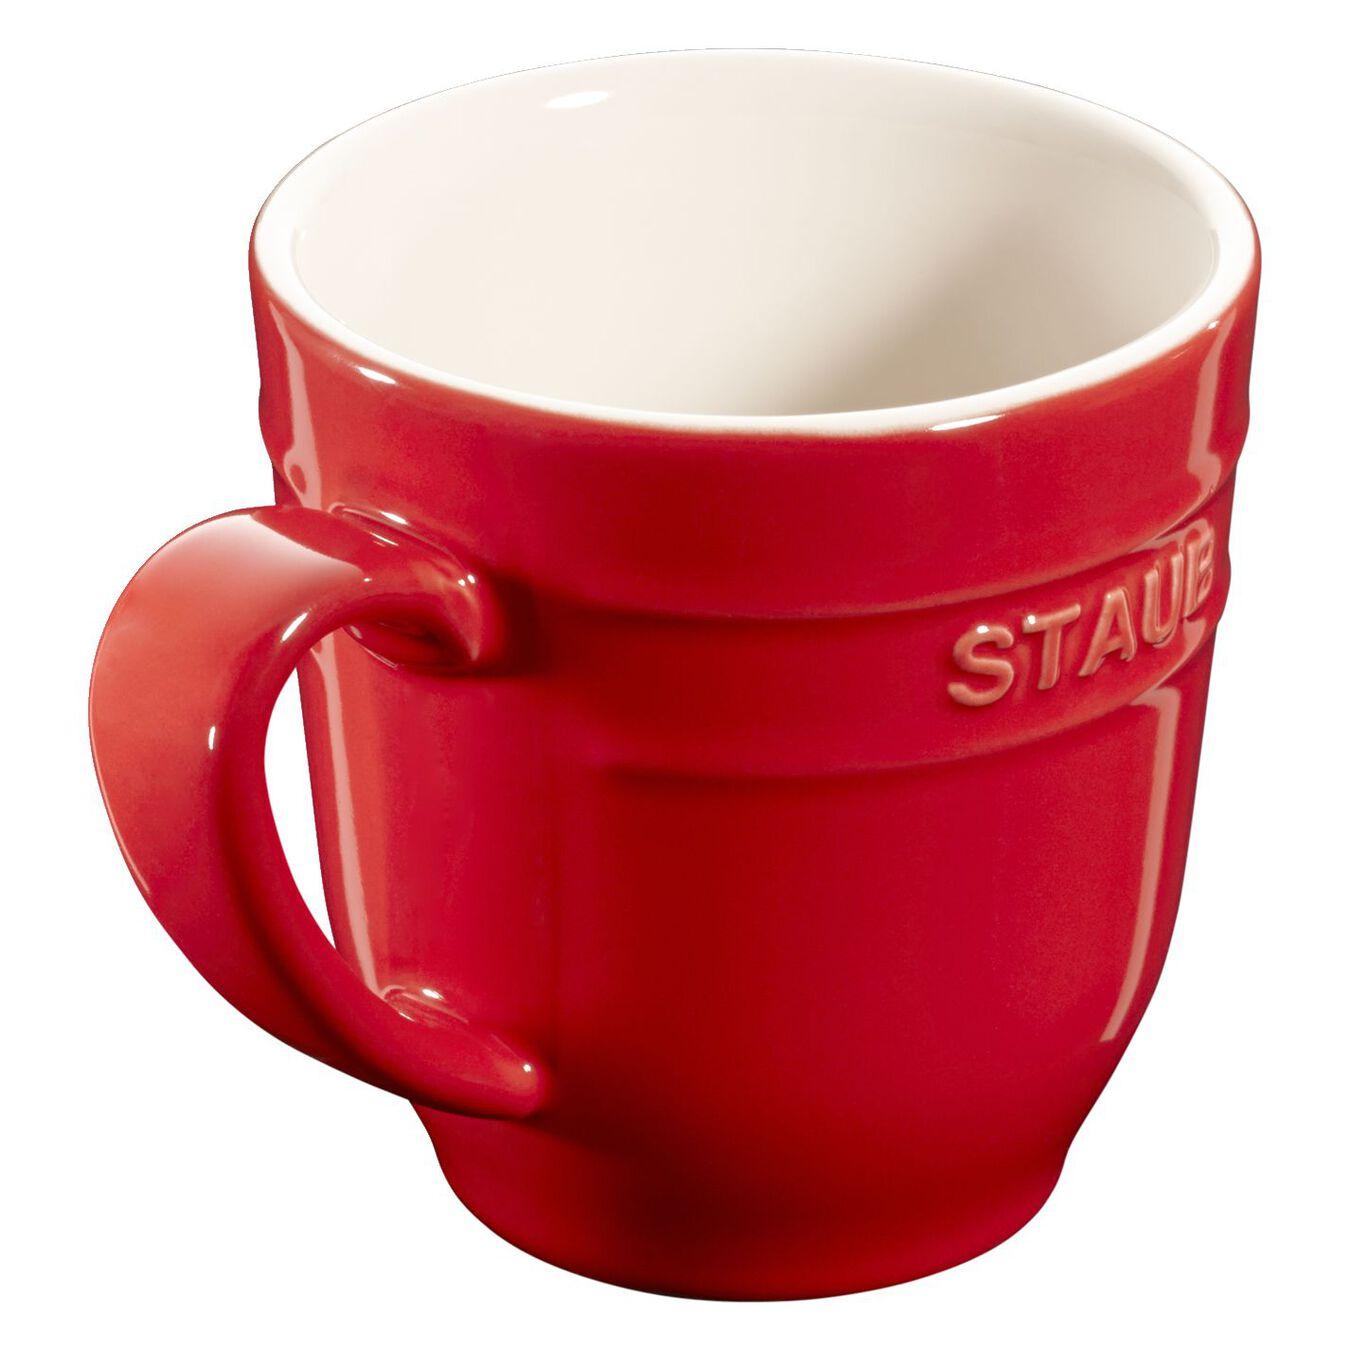 Mug 350 ml, Cerise, Céramique,,large 2